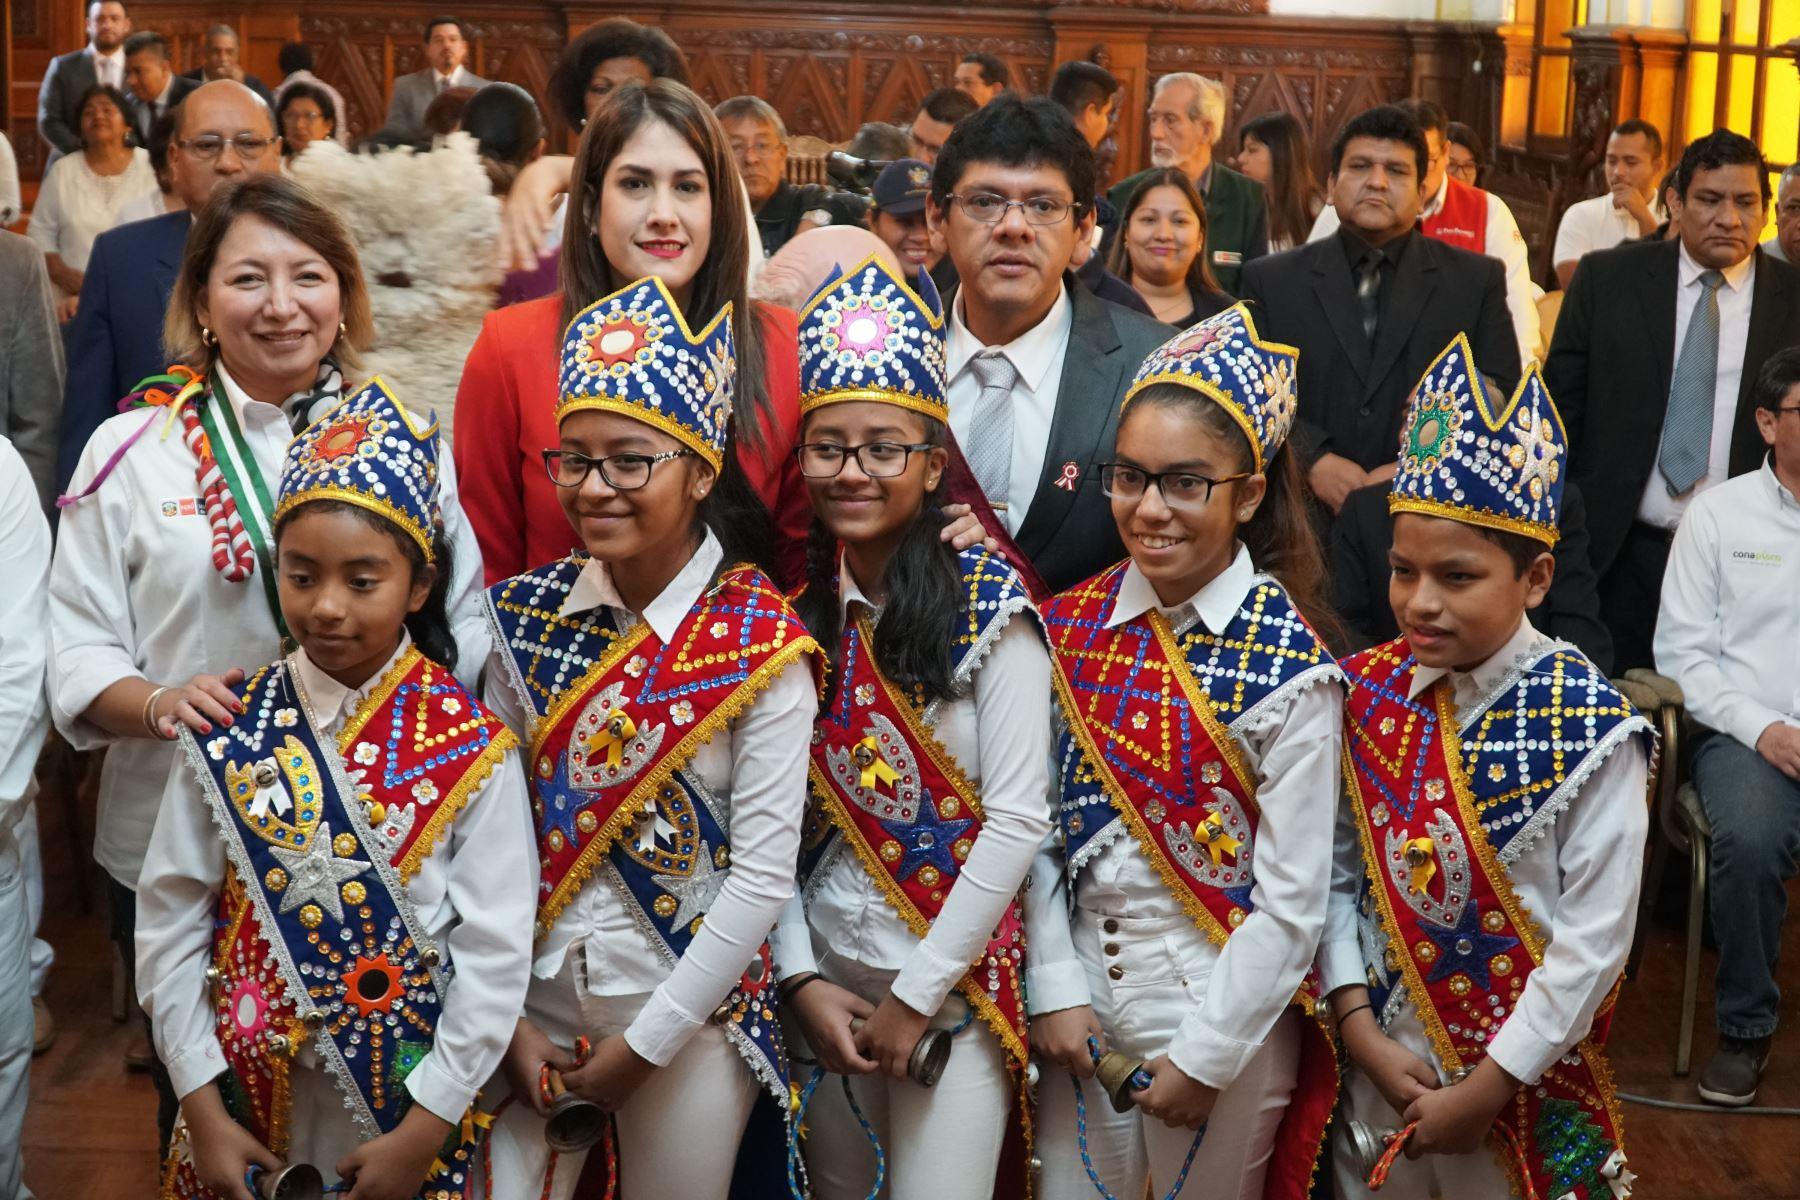 Un grupo de Baile de los negritos se hizo presente en la ceremonia del anunció de las actividades por el Día Nacional del Pisco. .Foto: ANDINA/Cortesía Genry Bautista